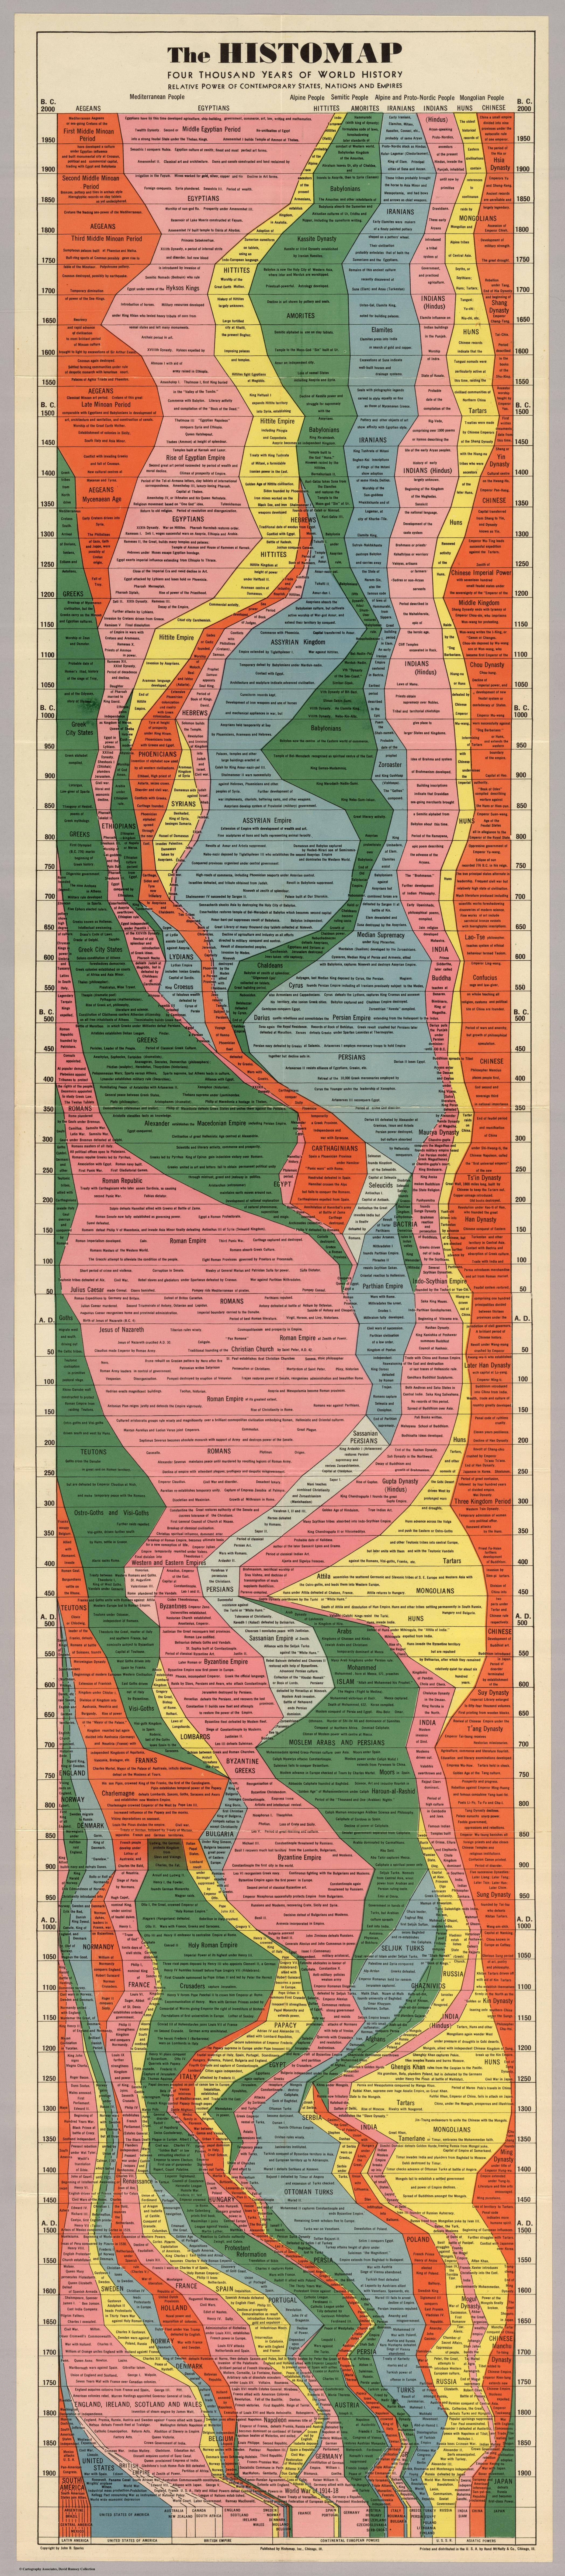 De geschiedenis kaart: vierduizend jaar aan wereldgeschiedenis